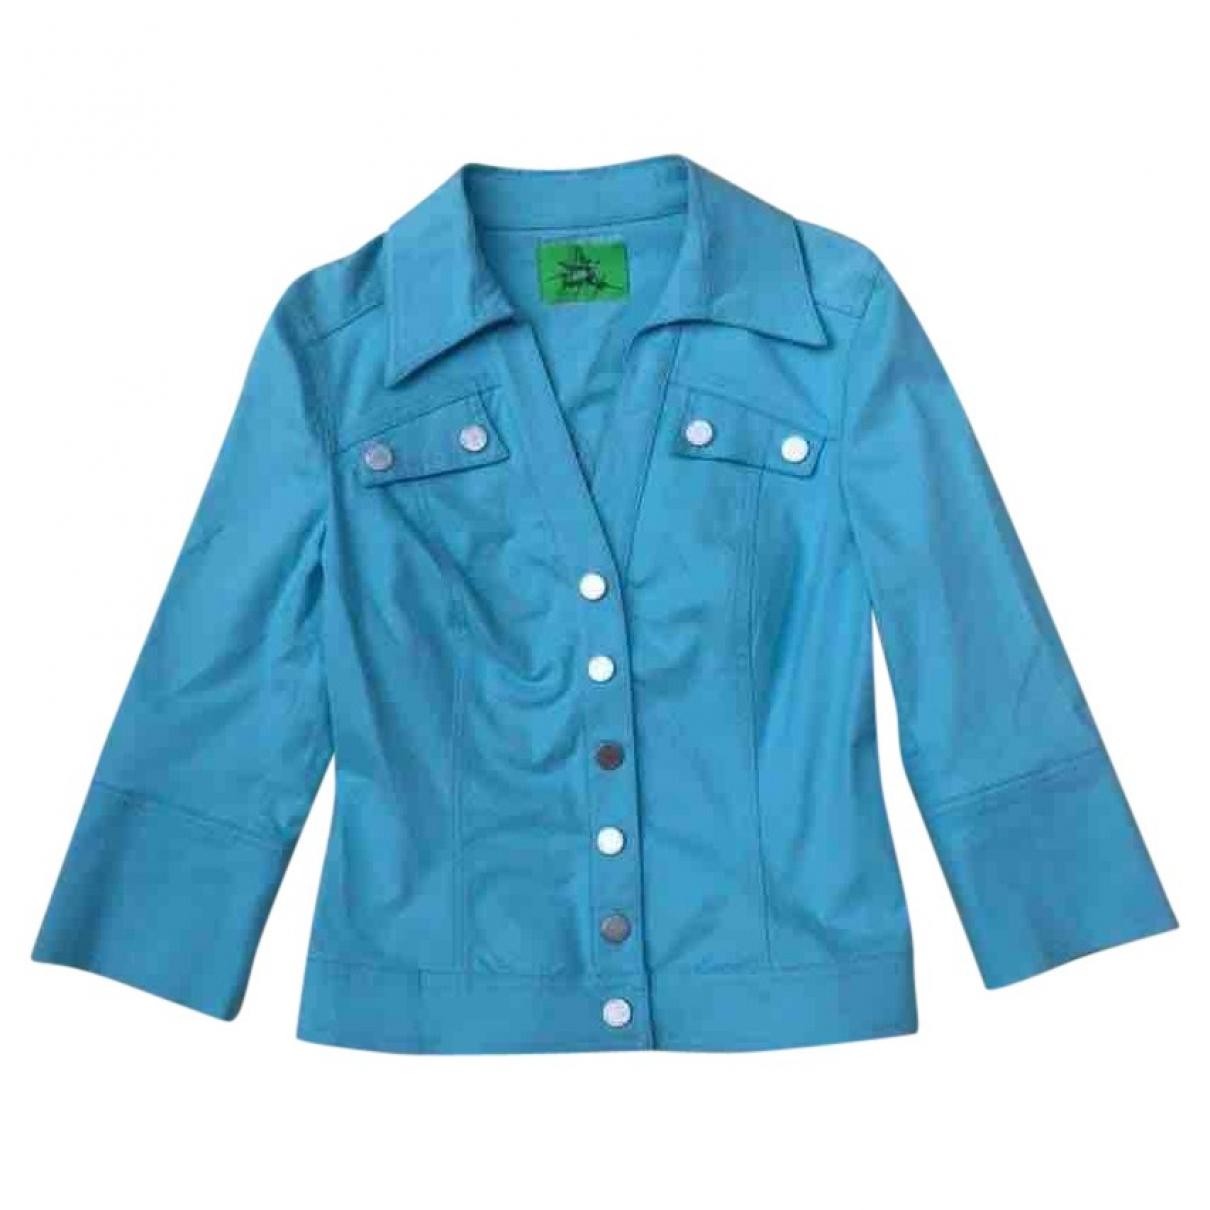 Thierry Mugler - Veste   pour femme en coton - turquoise